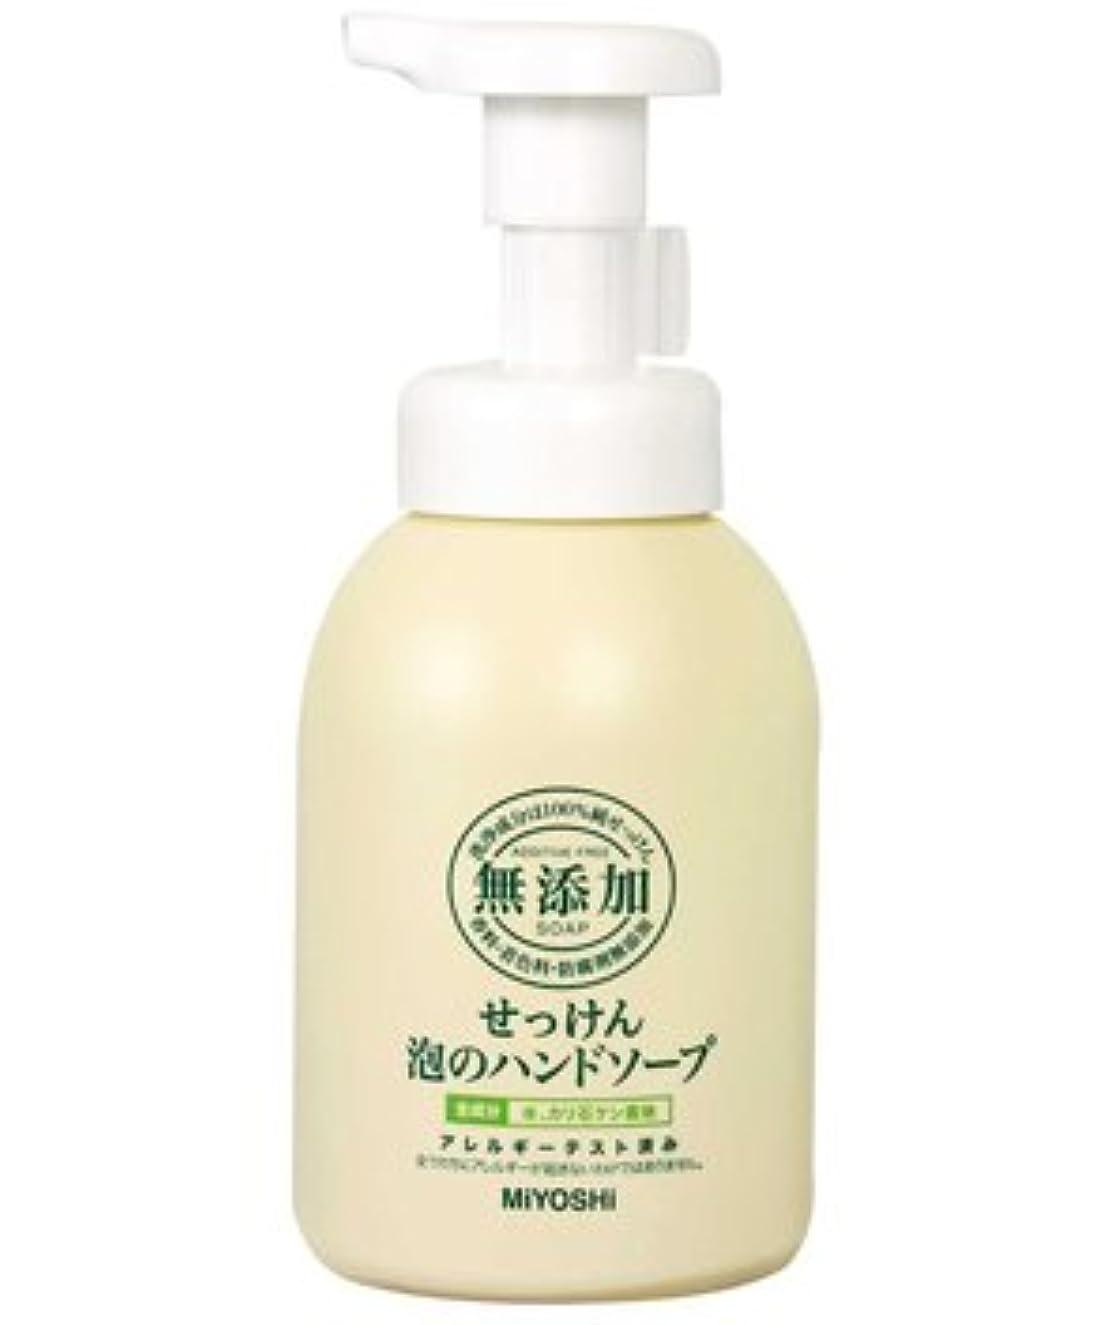 お客様欠伸チキンミヨシ石鹸 無添加 せっけん 泡のハンドソープ ポンプ 350ml(無添加石鹸) ×24点セット (4904551100607)